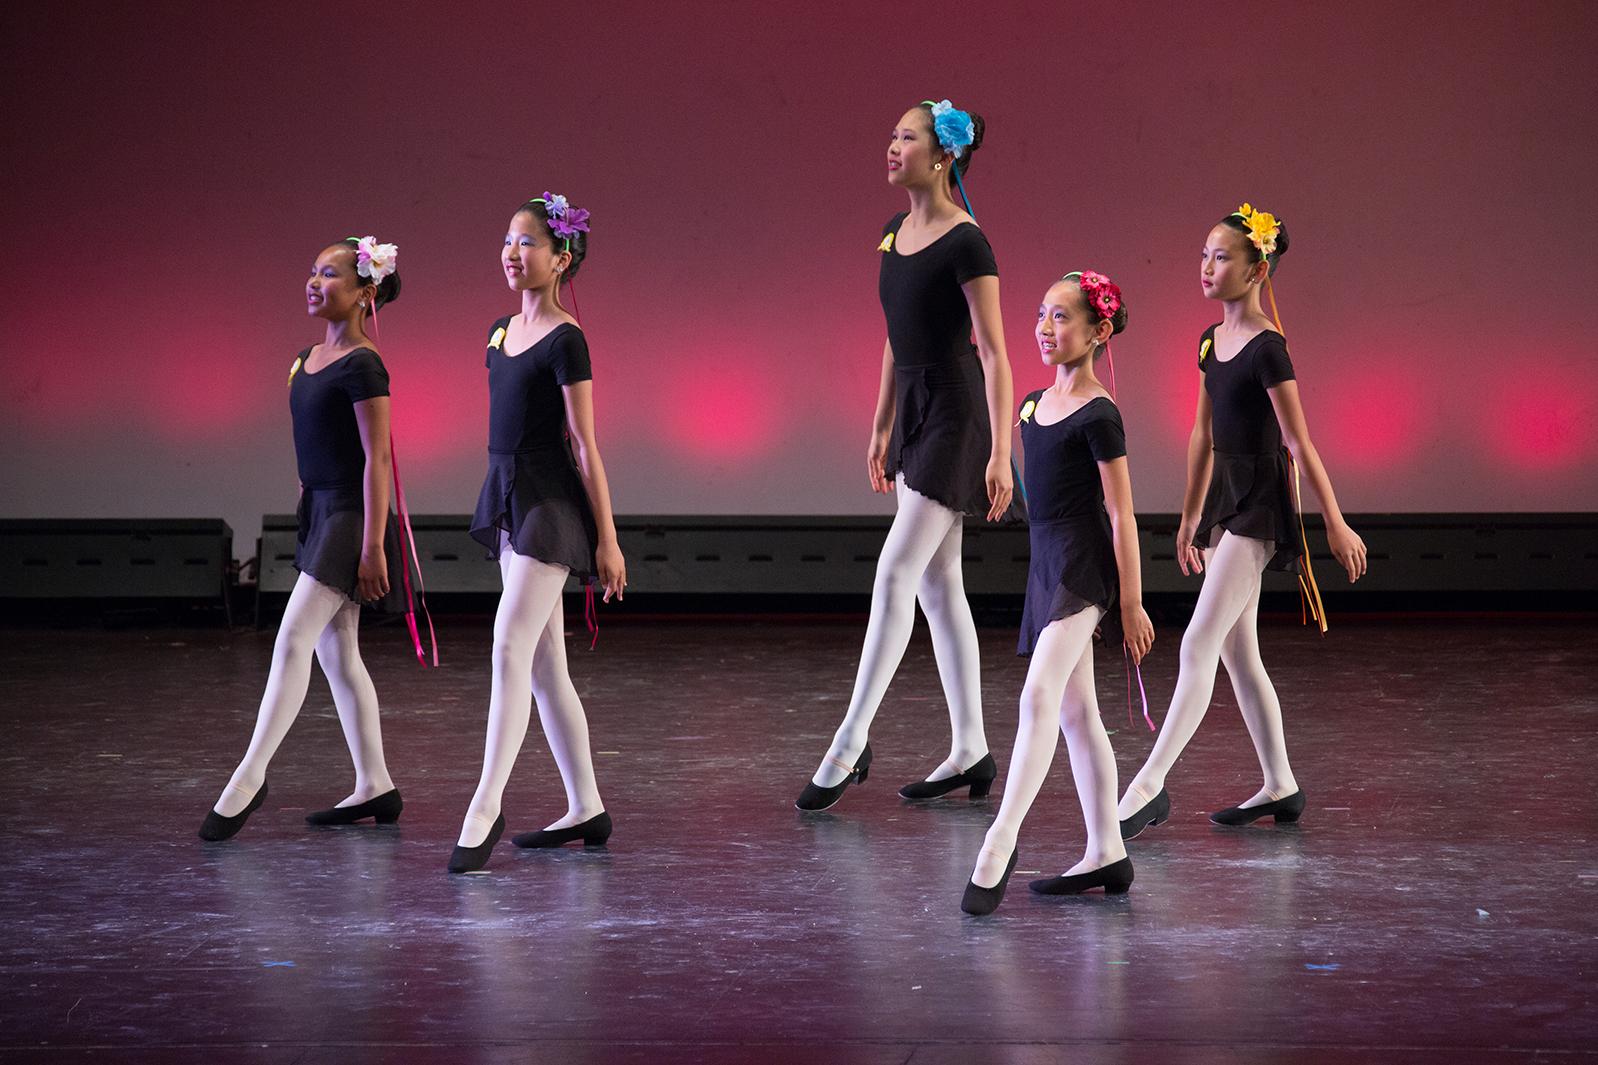 angela van school of ballet ballerina pic 1